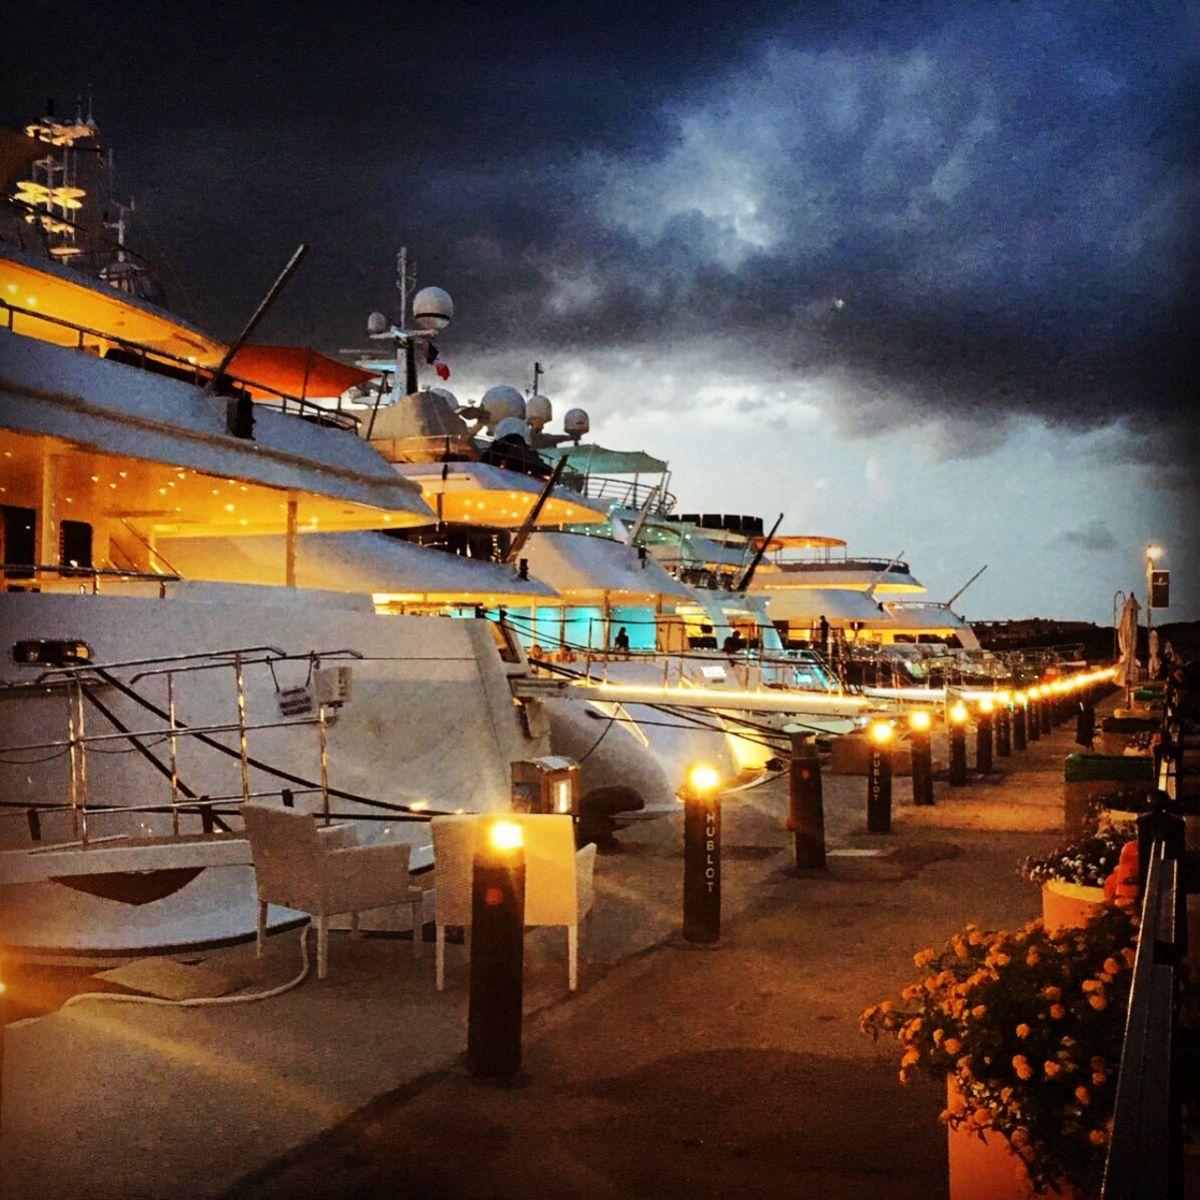 Porto Cervo Marina - Sardinia Italy Mediterranean Marina - Dock at Night - 1.03MB